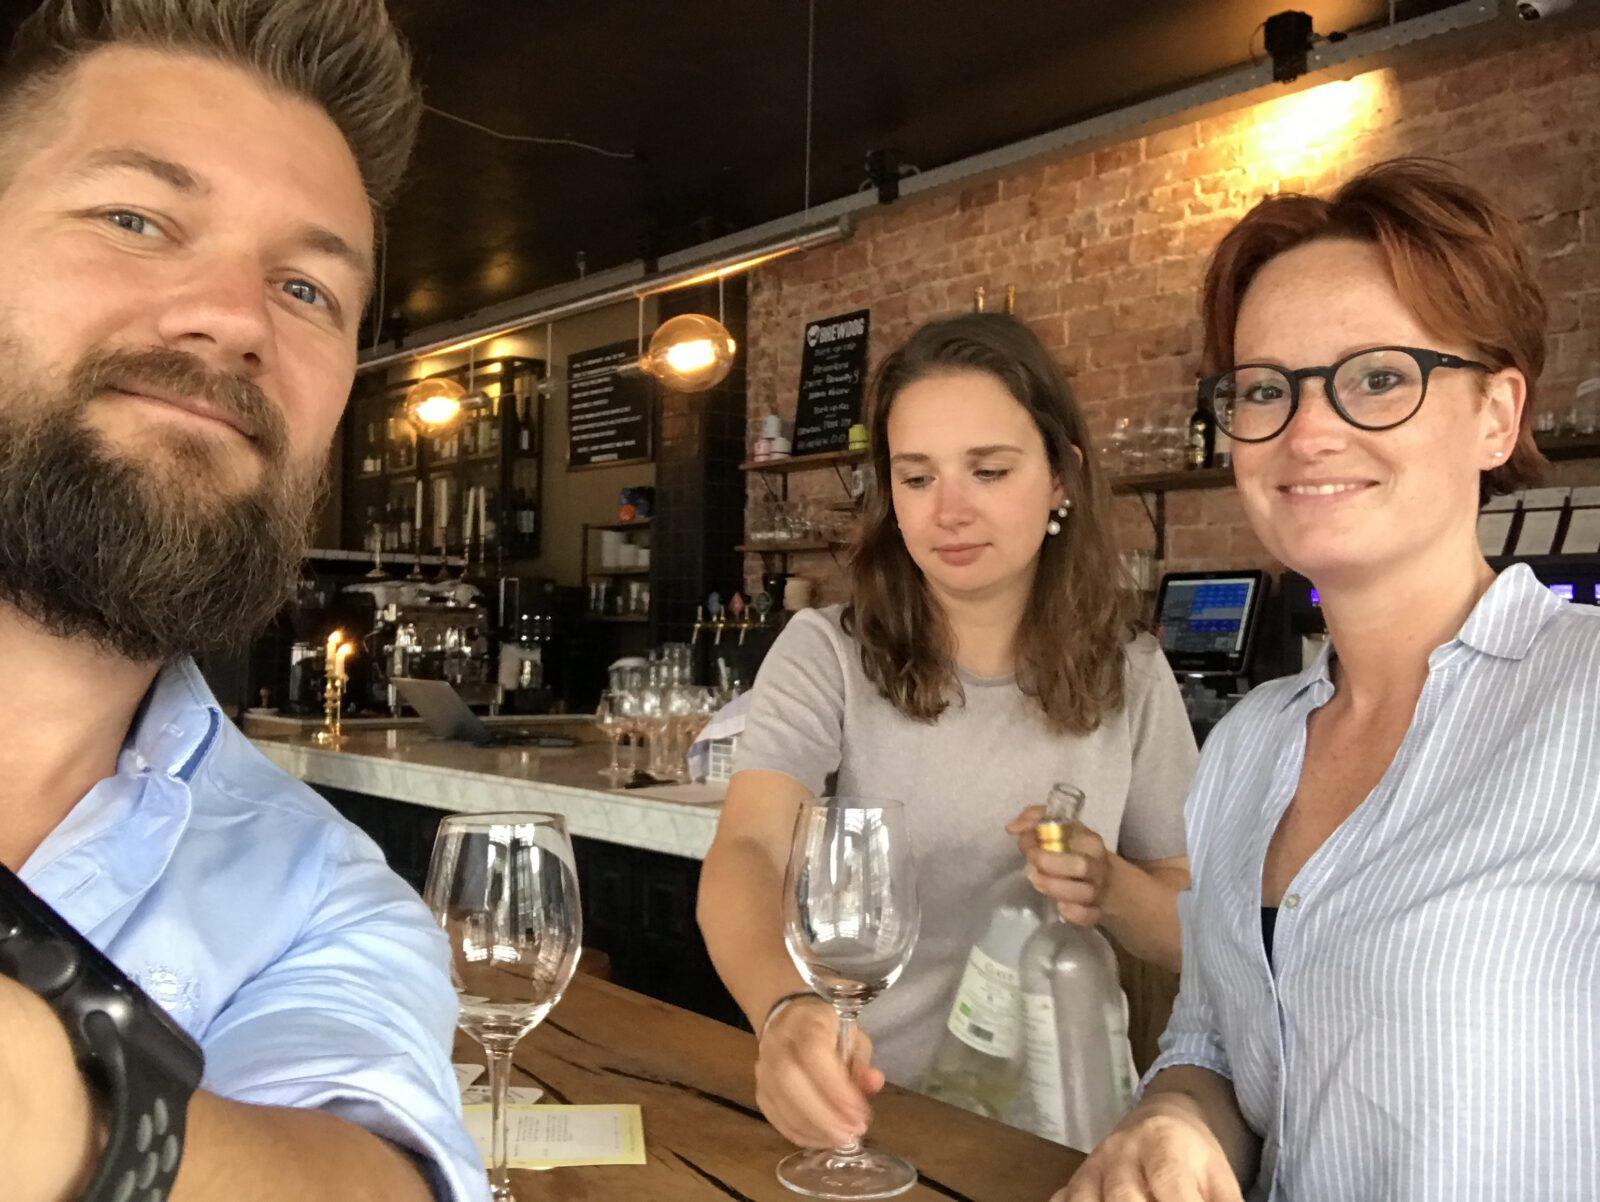 100 wijnen en lekker eten bij Rayleigh & Ramsay in Amsterdam - Familie over de kook